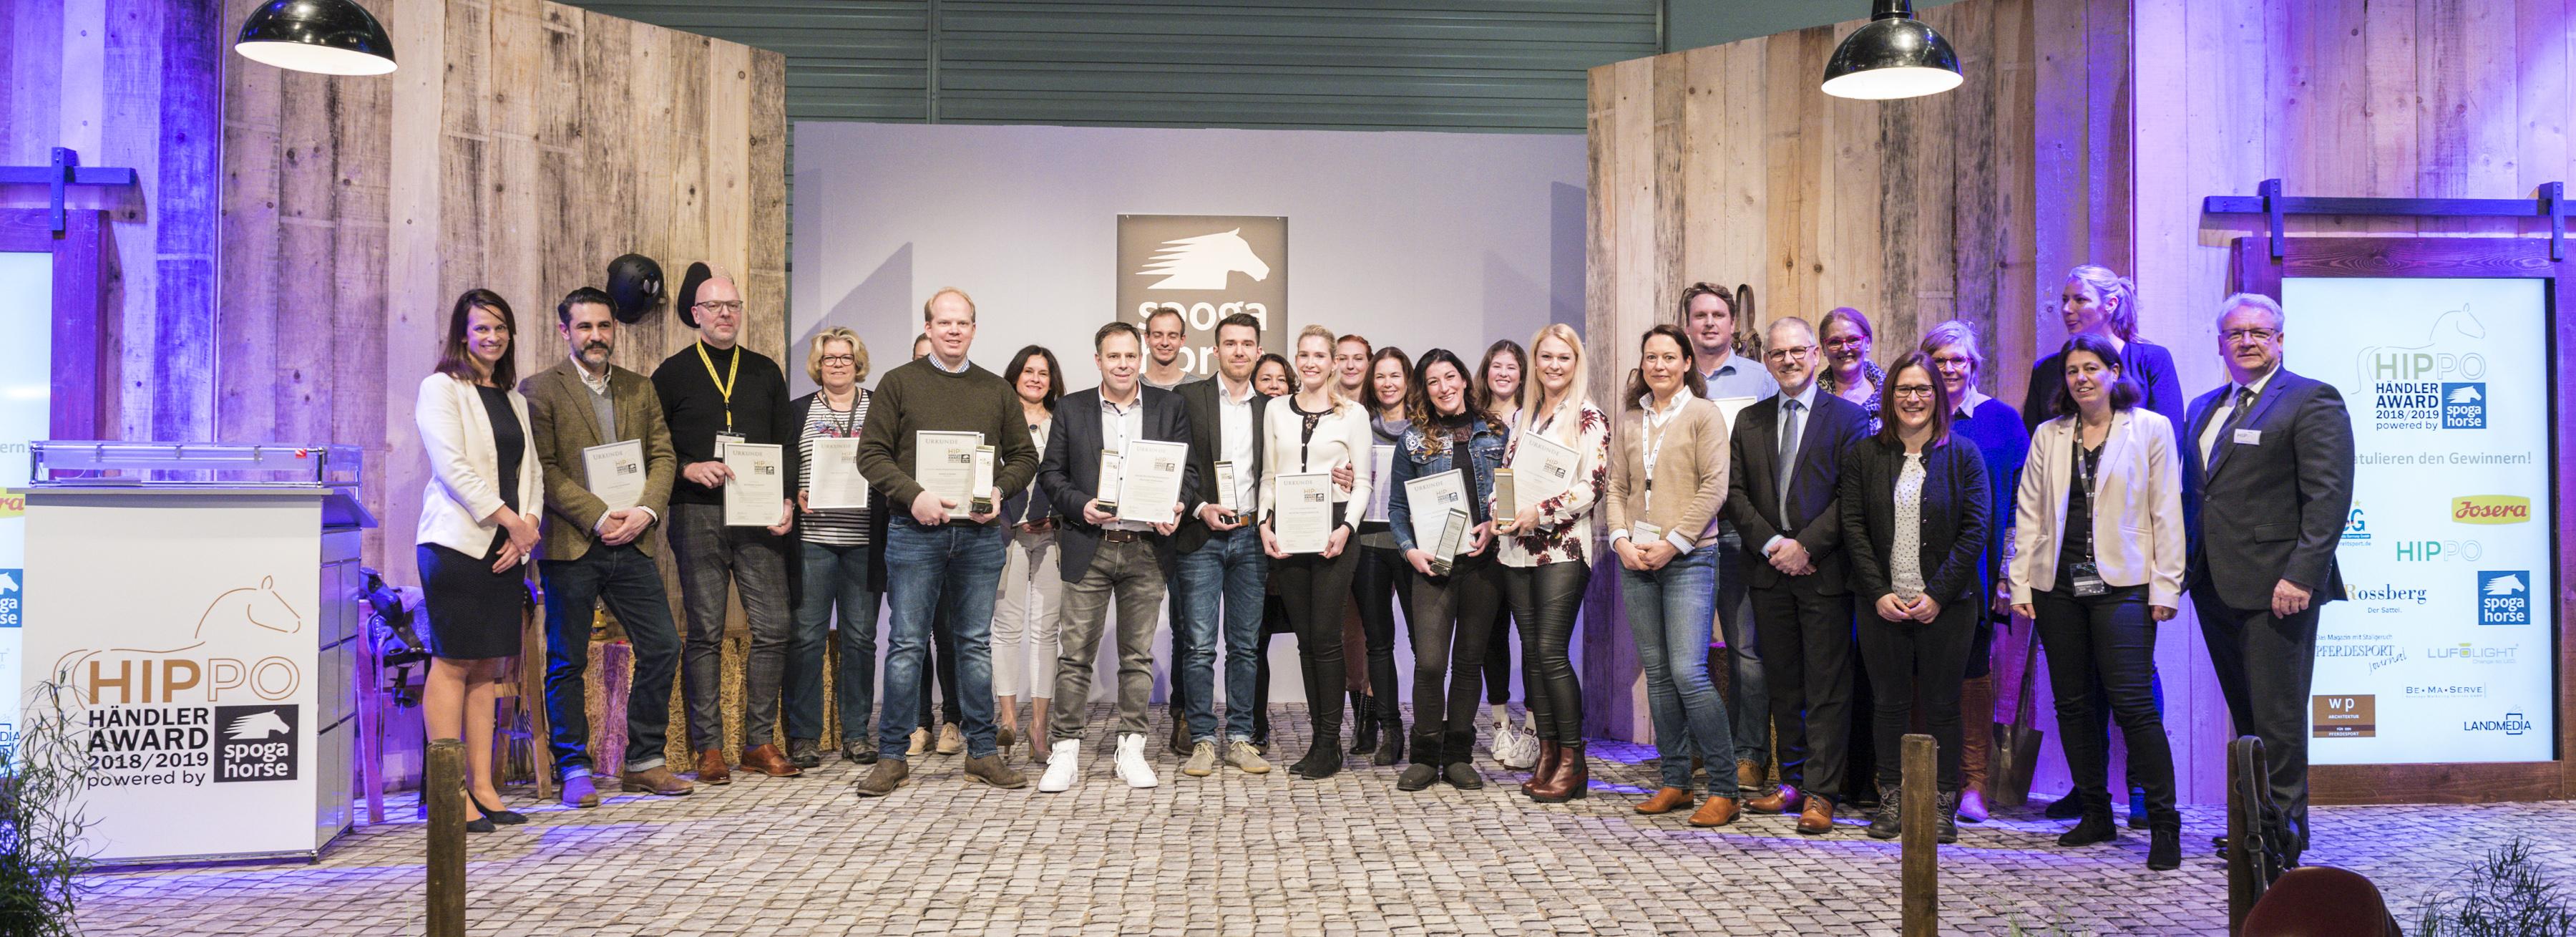 Hippo Händler Award, Gruppenfoto, spoga horse fashion walk, Halle 8, Reitsport Live